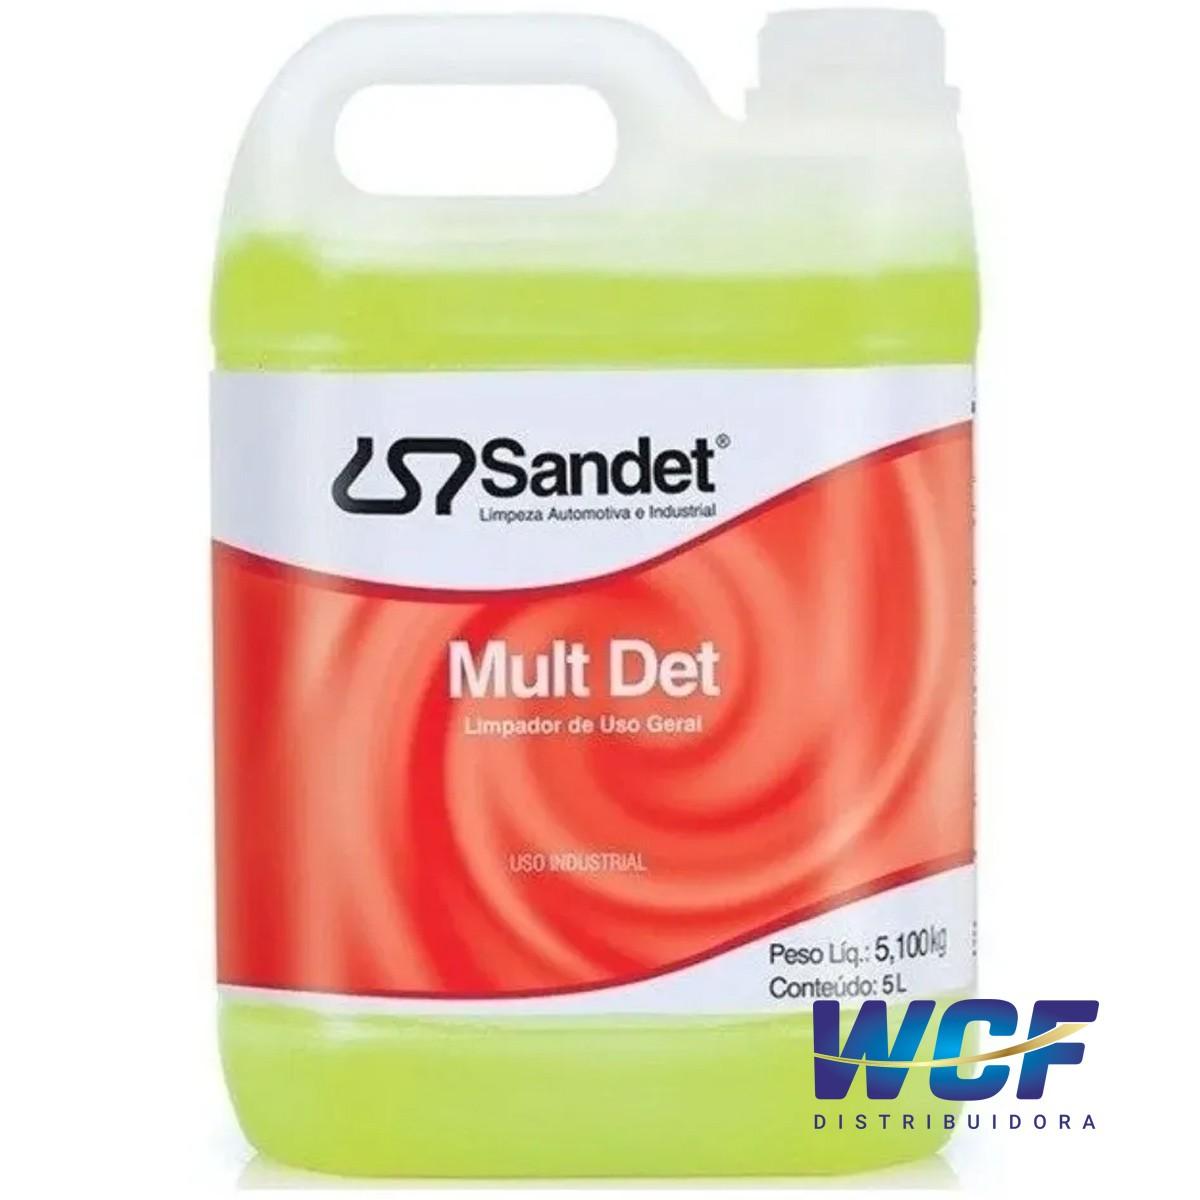 SANDET MULT DET FLOTADOR MULTIACAO APC 5LT